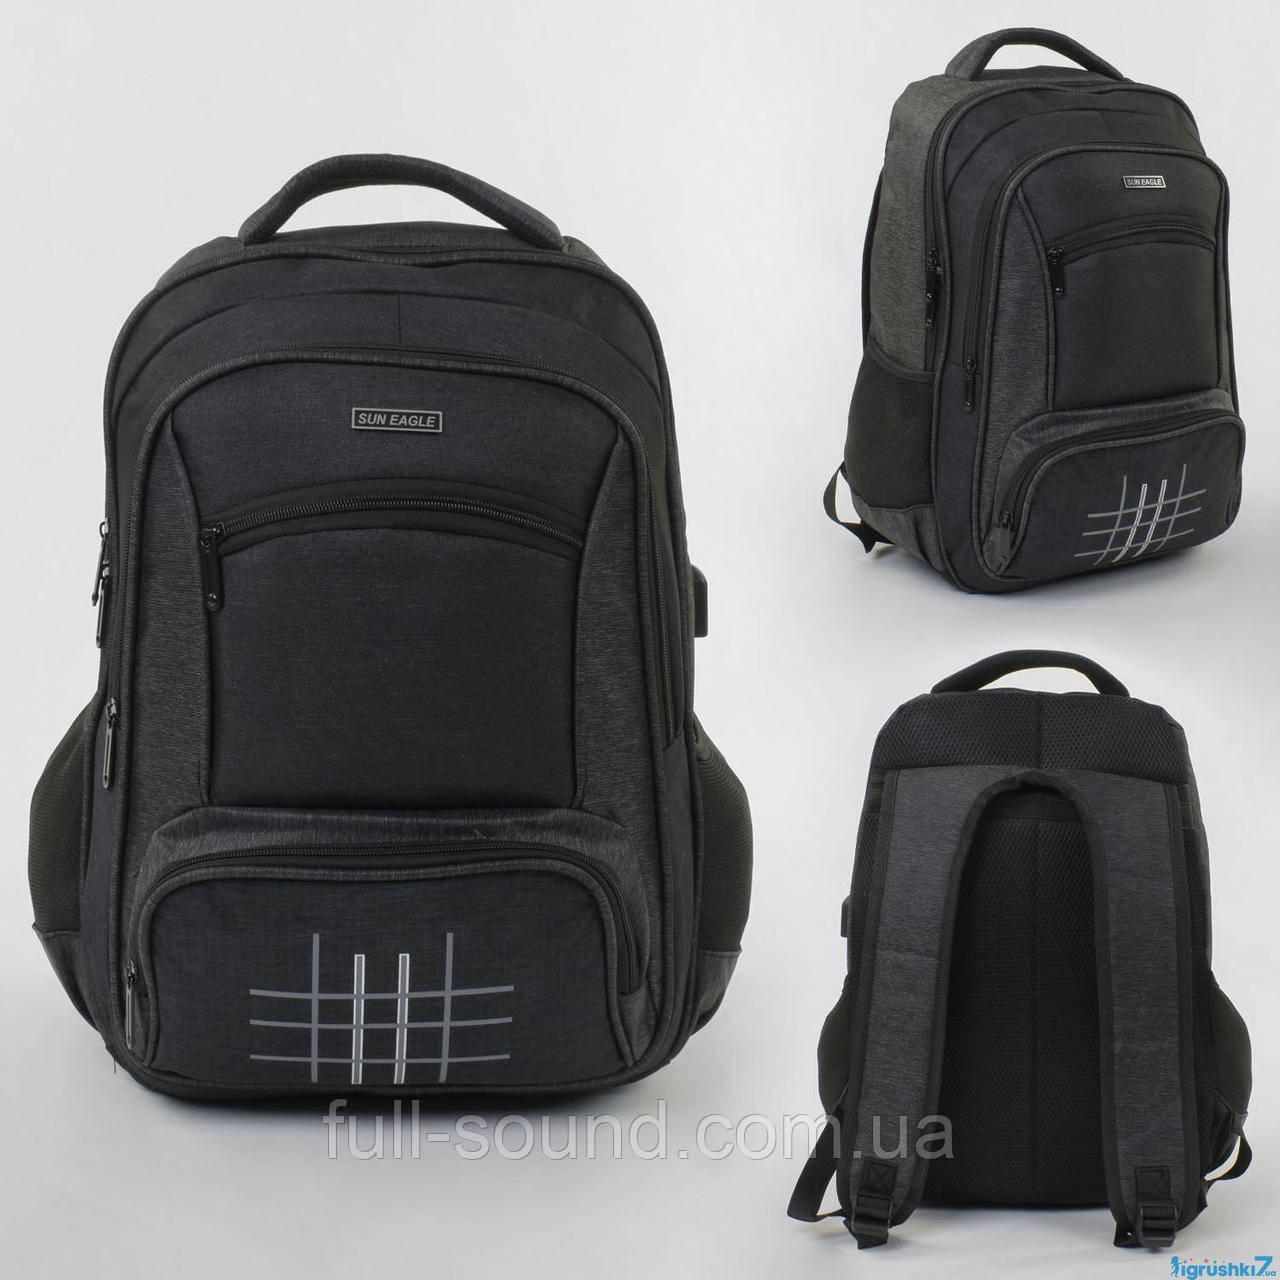 Городской рюкзак с USB портом 4364